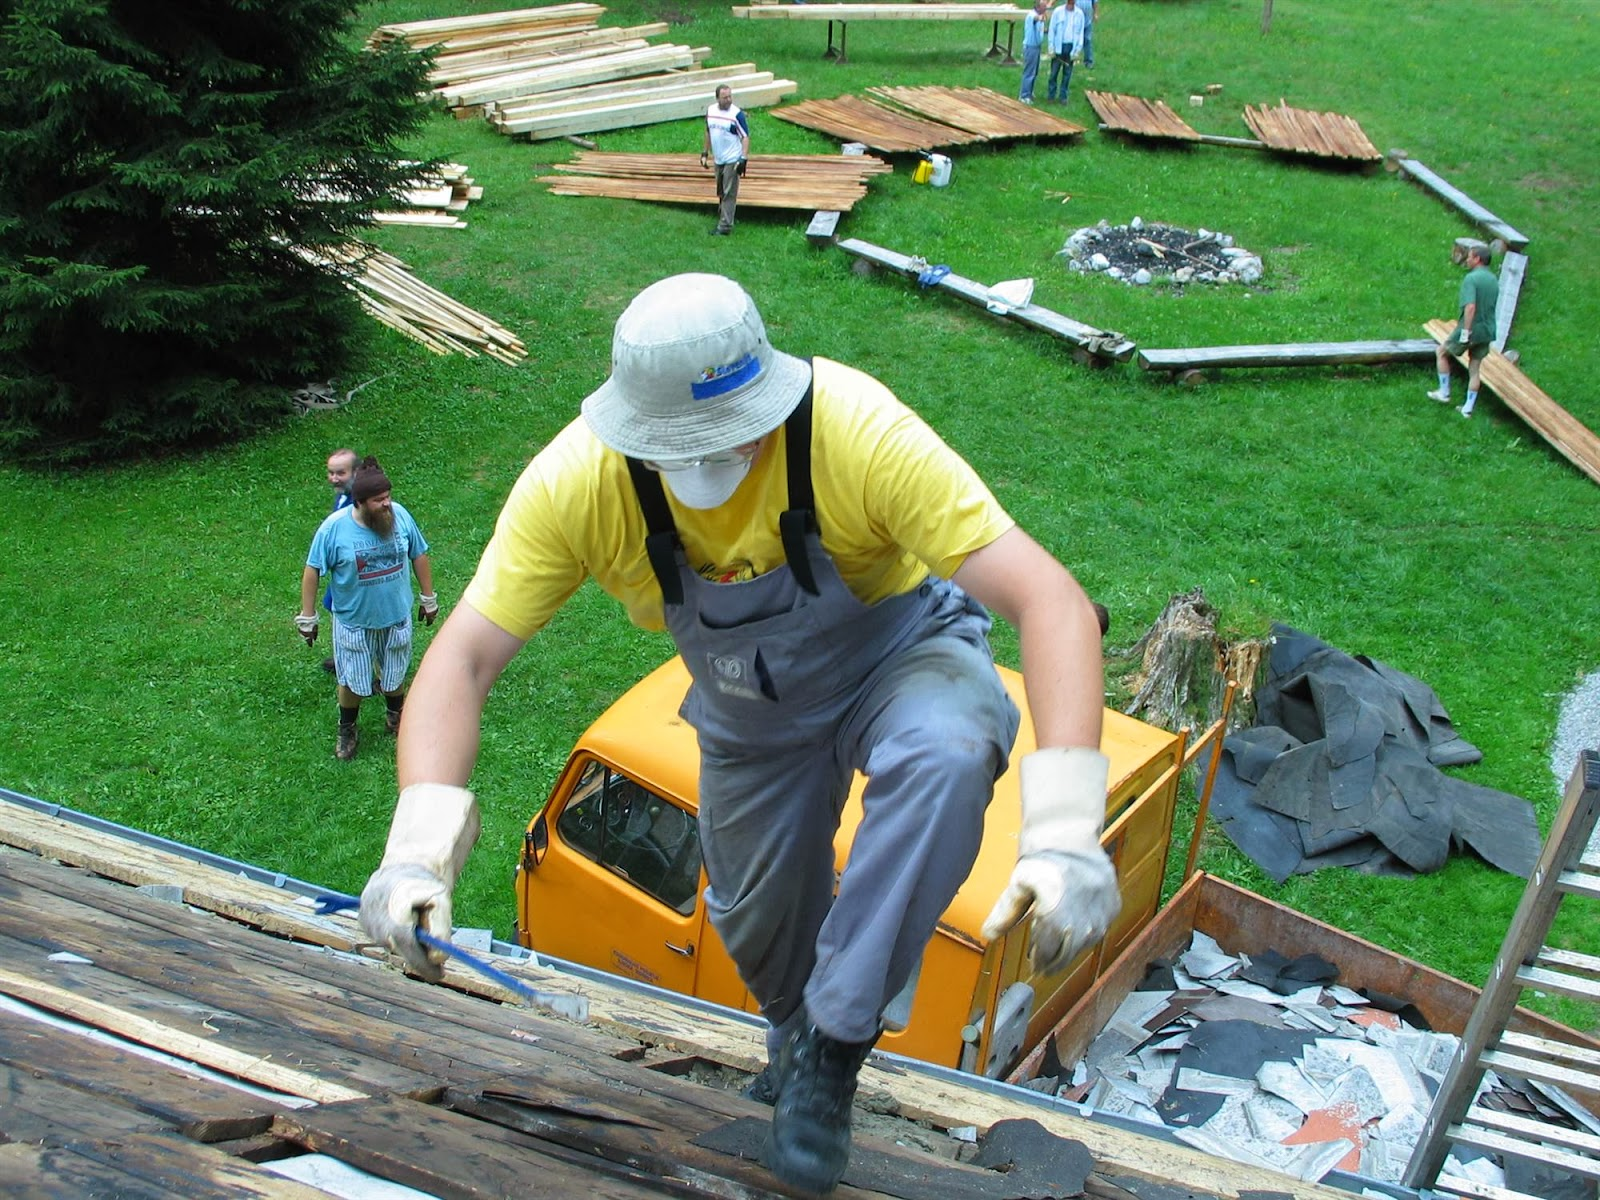 Delovna akcija - Streha, Črni dol 2006 - streha%2B035.jpg